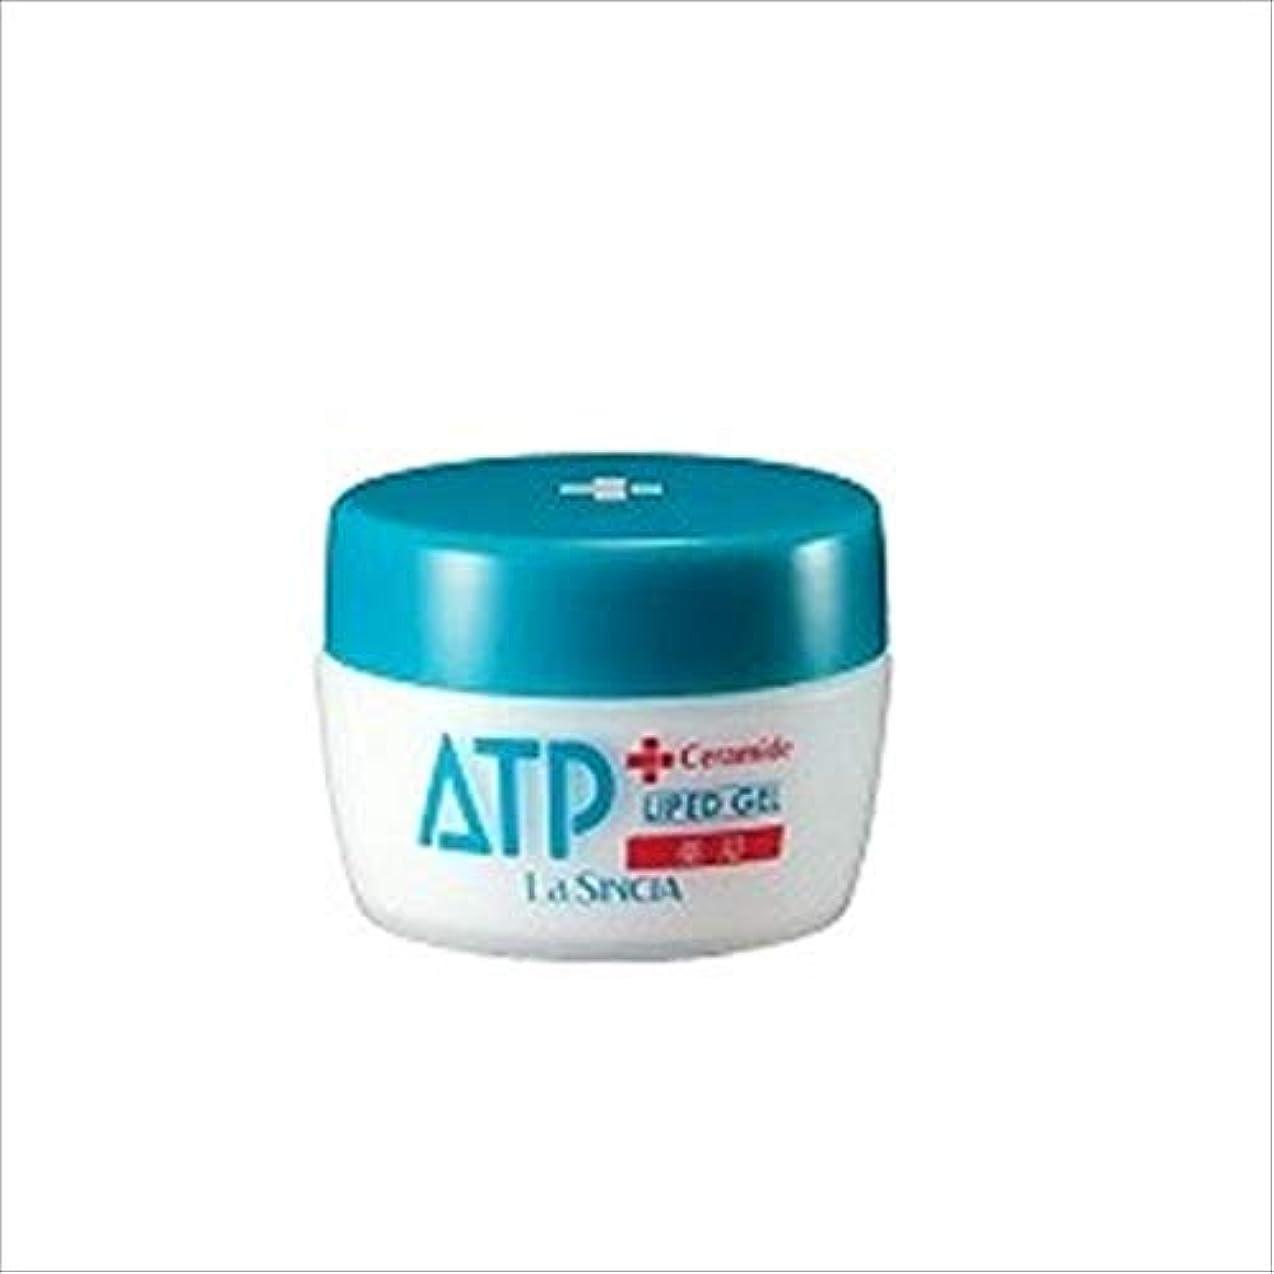 作成する単調な痛みラ?シンシア 薬用ATP リピッドゲル 30g (全身?頭皮?頭髪用保湿ゲルクリーム)